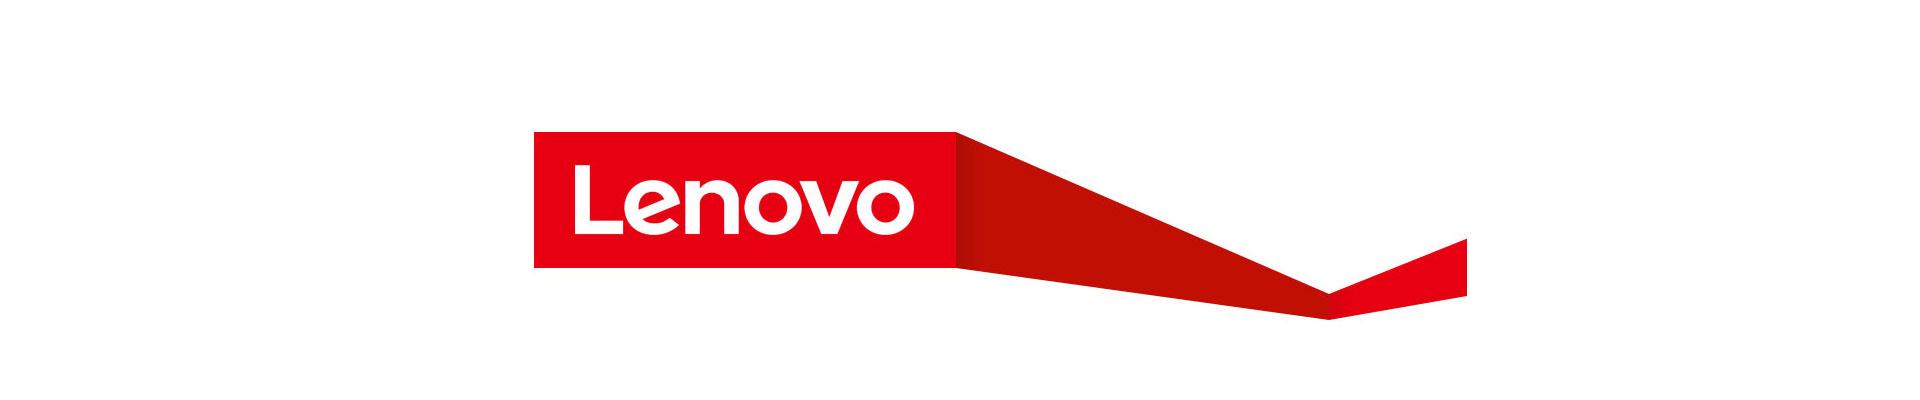 Lenovo Global Support Home. Lenovo Inc. View.